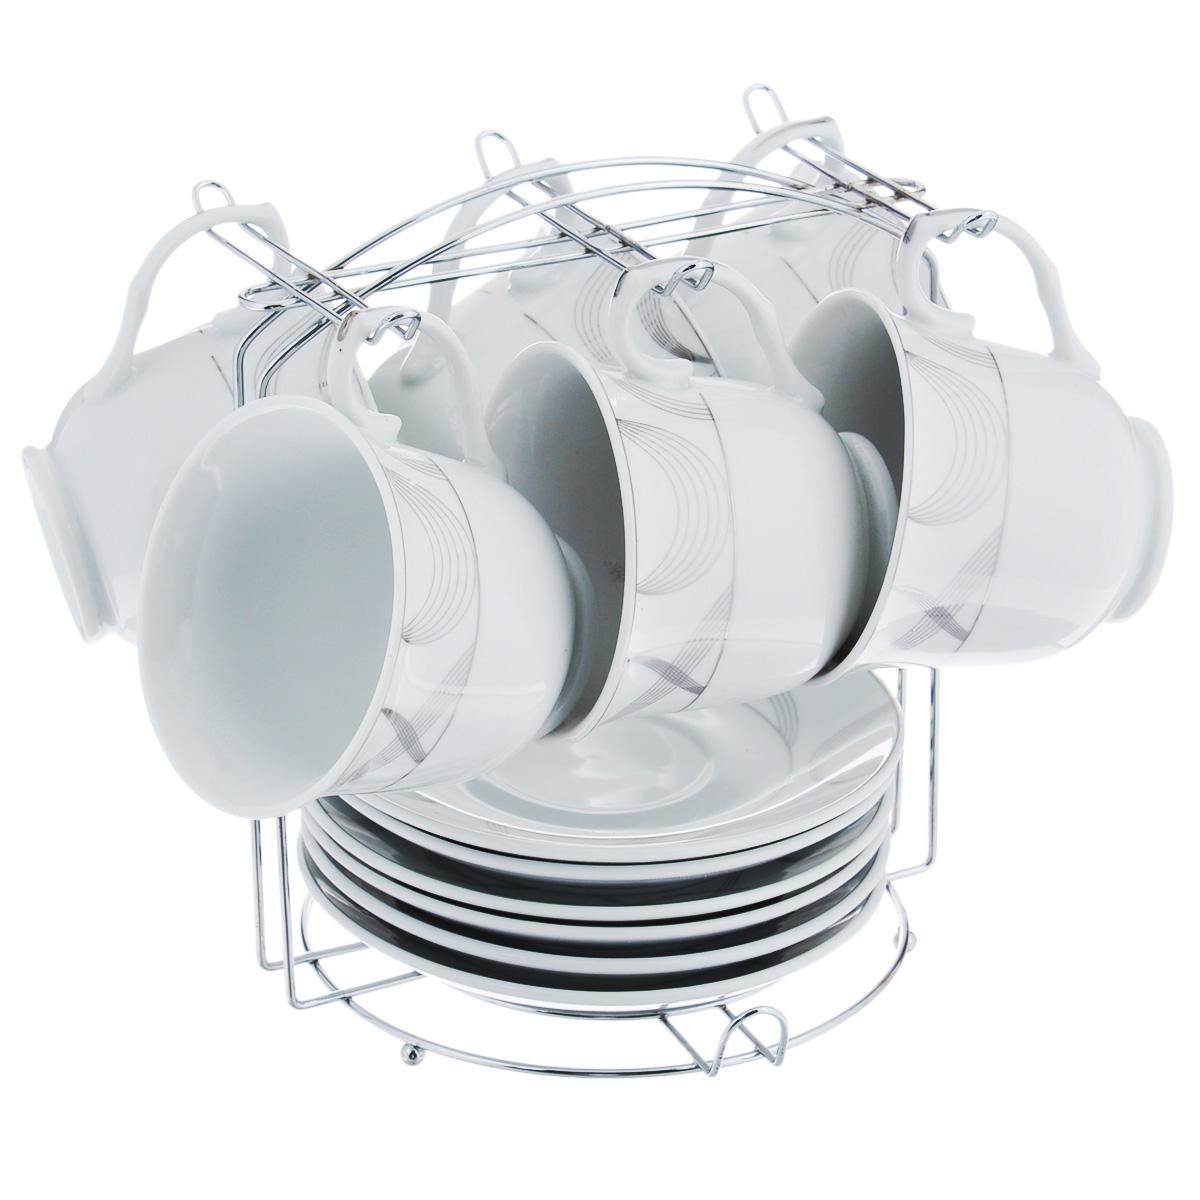 Набор чайный Bekker, 13 предметов. BK-6801BK-6801Чайный набор Bekker состоит из 6 чашек, 6 блюдец и металлической подставки. Изделия выполнены из высококачественного фарфора белого цвета, украшенного изящными узорами серебристой эмалью. Для предметов набора предусмотрена специальная металлическая подставка с крючками для чашек и подставкой для блюдец. Изящный чайный набор прекрасно оформит стол к чаепитию и станет замечательным подарком для любой хозяйки. Можно мыть в посудомоечной машине.Объем чашки: 220 мл. Диаметр чашки (по верхнему краю): 9 см. Высота чашки: 7,5 см. Диаметр блюдца: 14 см.